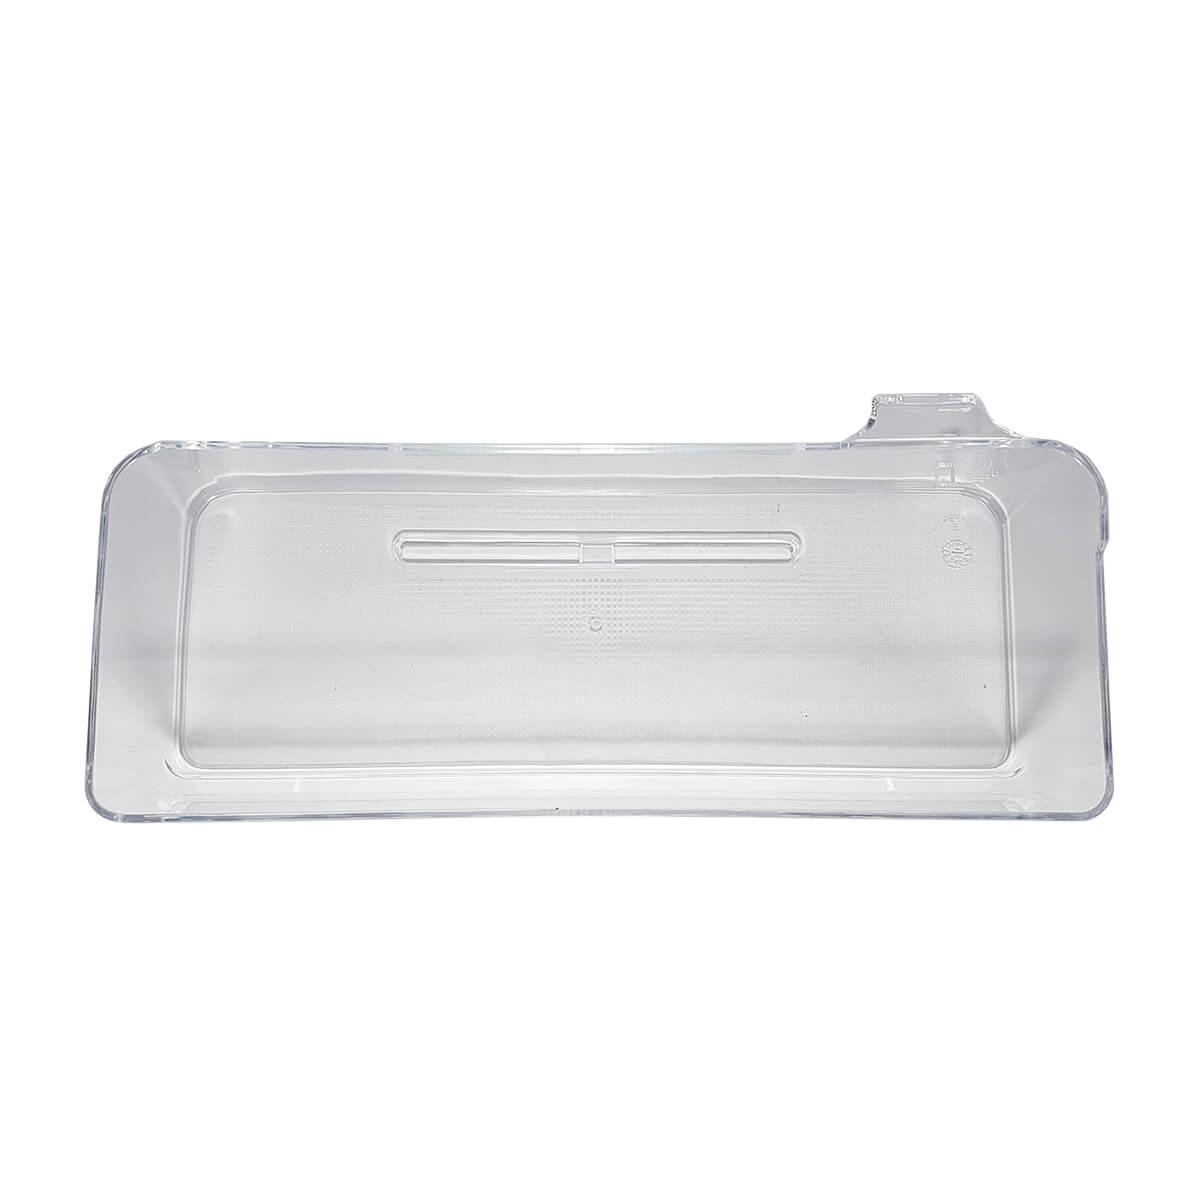 Prateleira Deslizante Interna Para Refrigerador Electrolux - A04144402